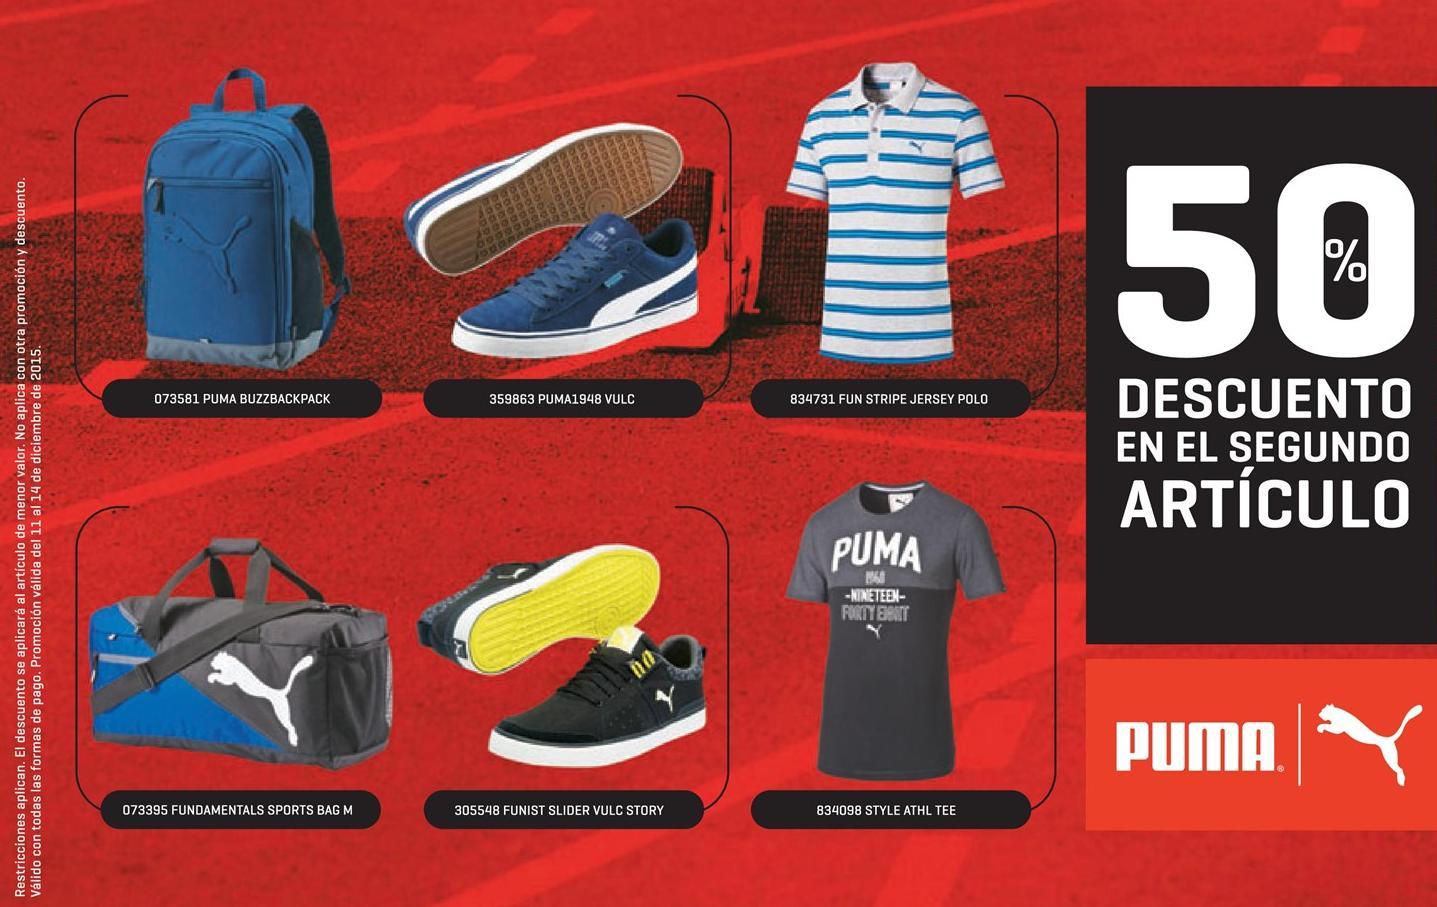 Articulos deportivos PUMA con 50 OFF en navidad 2015